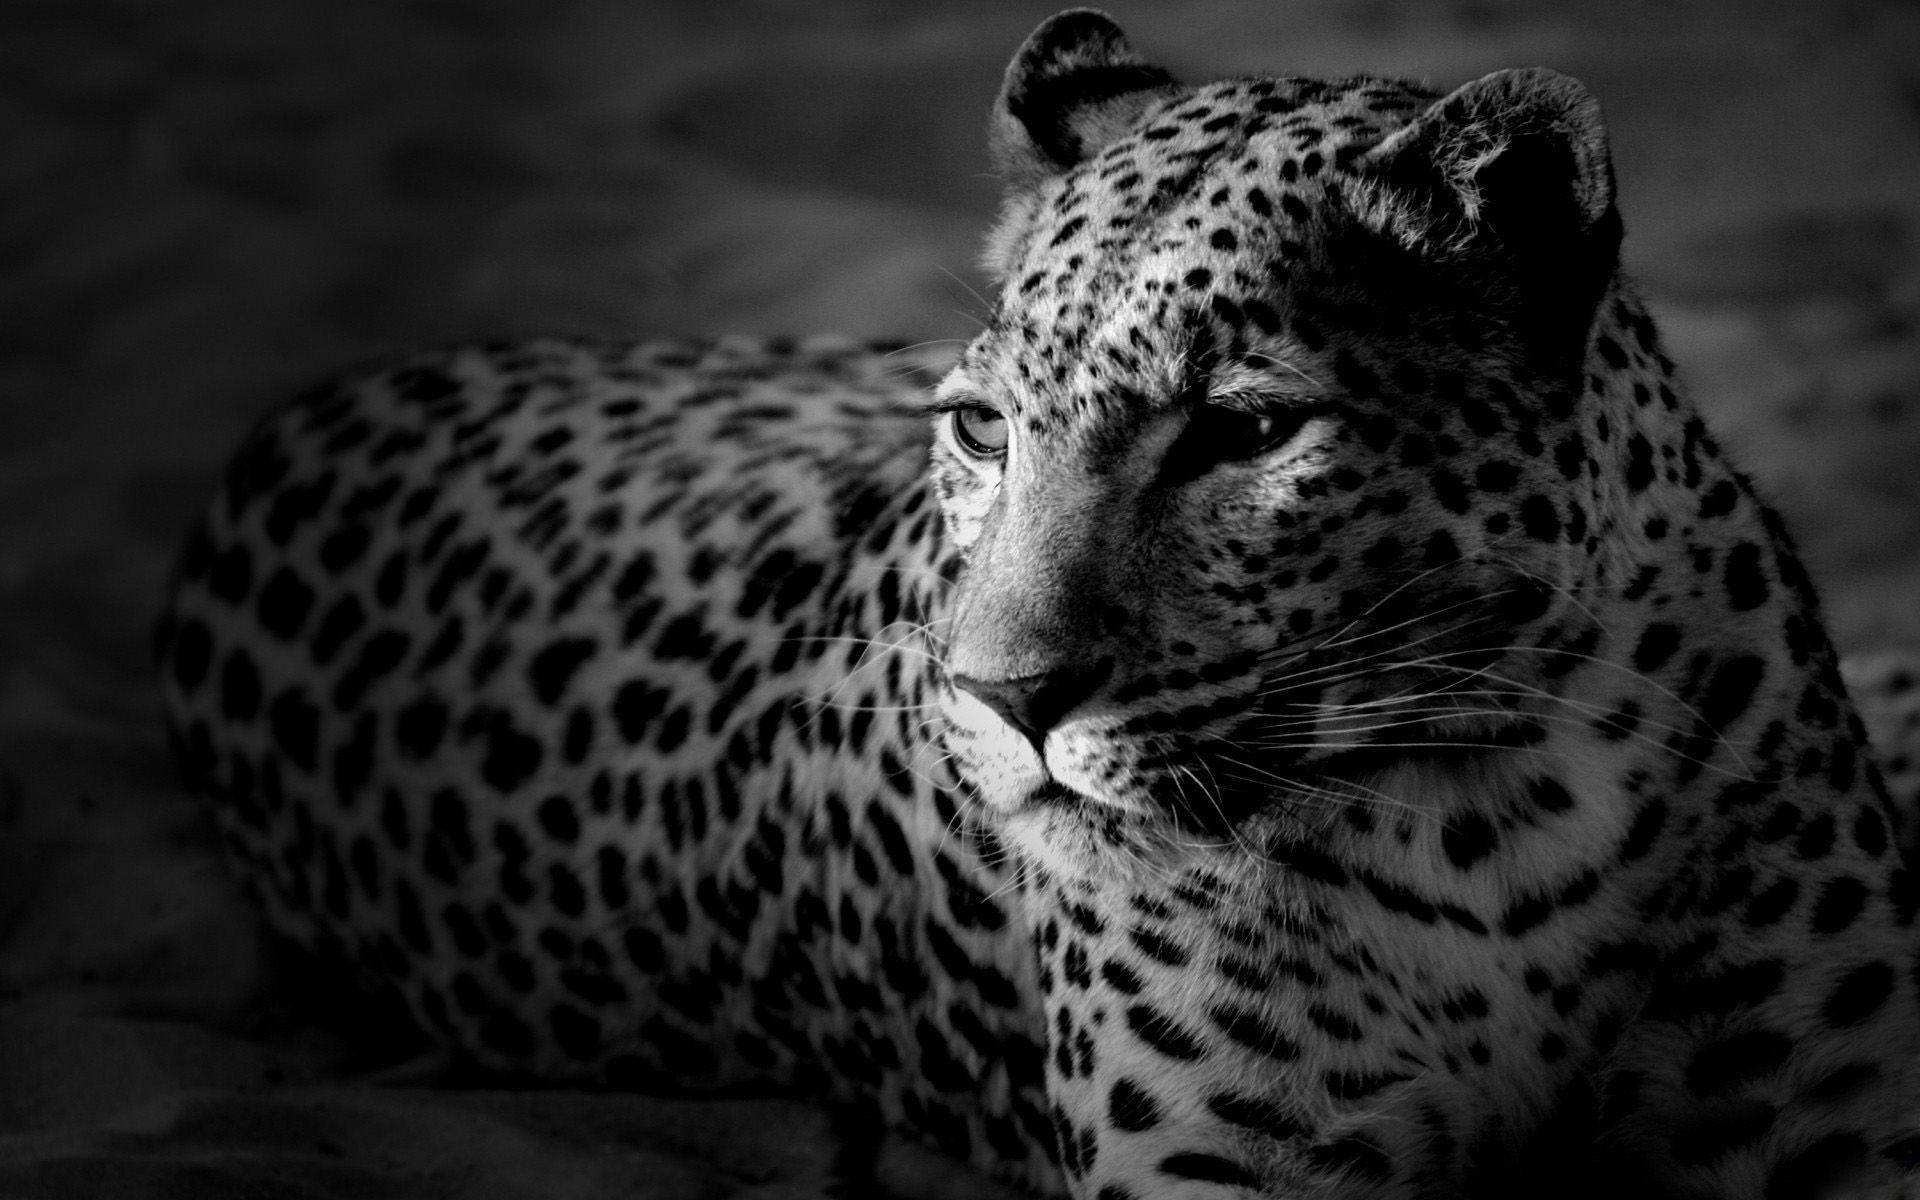 Leopard Fond D Ecran Noir Et Blanc Jaguar Noir Animales